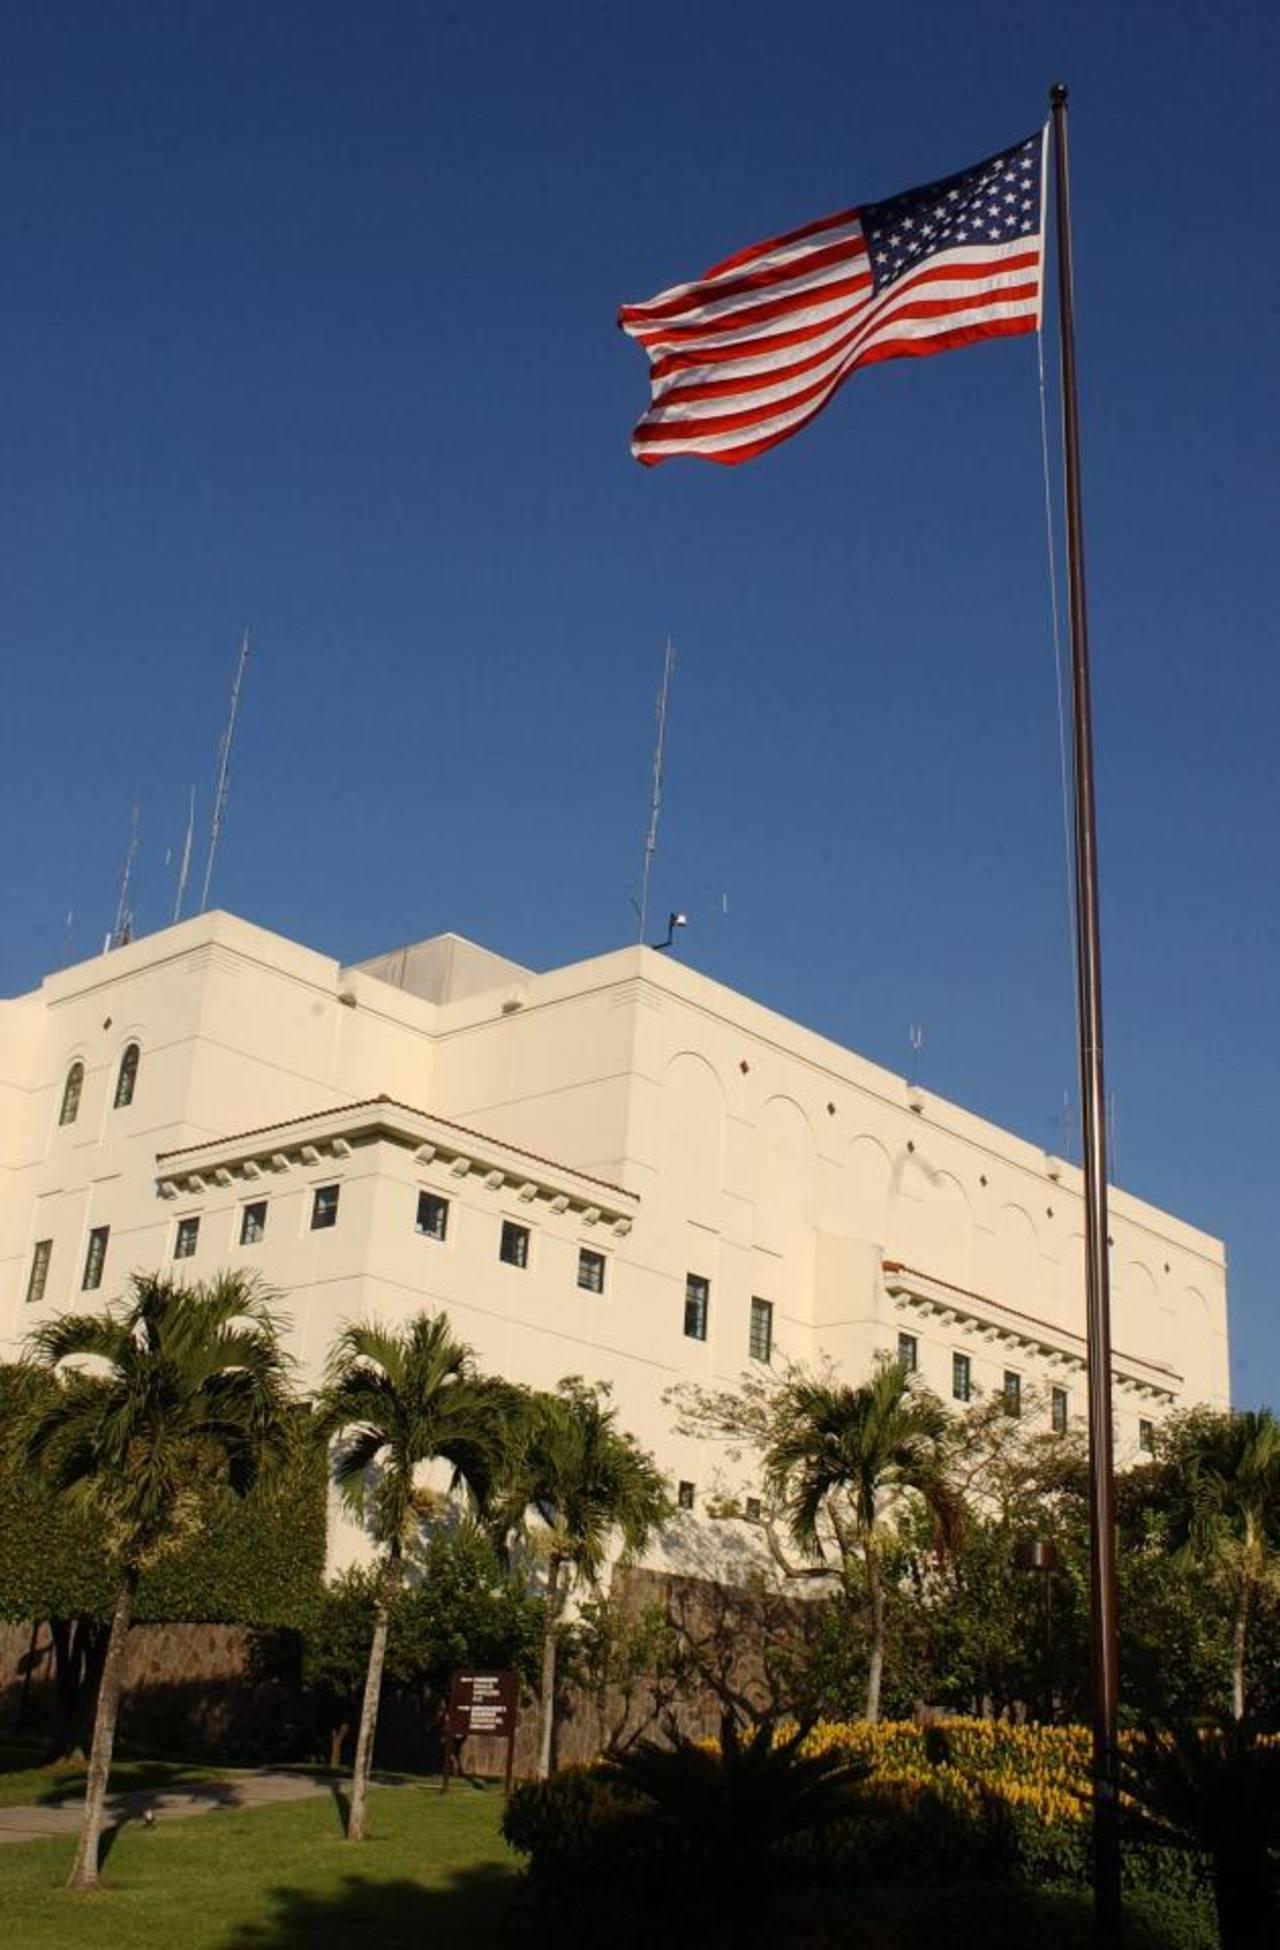 La sede consular de Estados Unidos en el país dijo que se debe asistir a las citas agendadas.